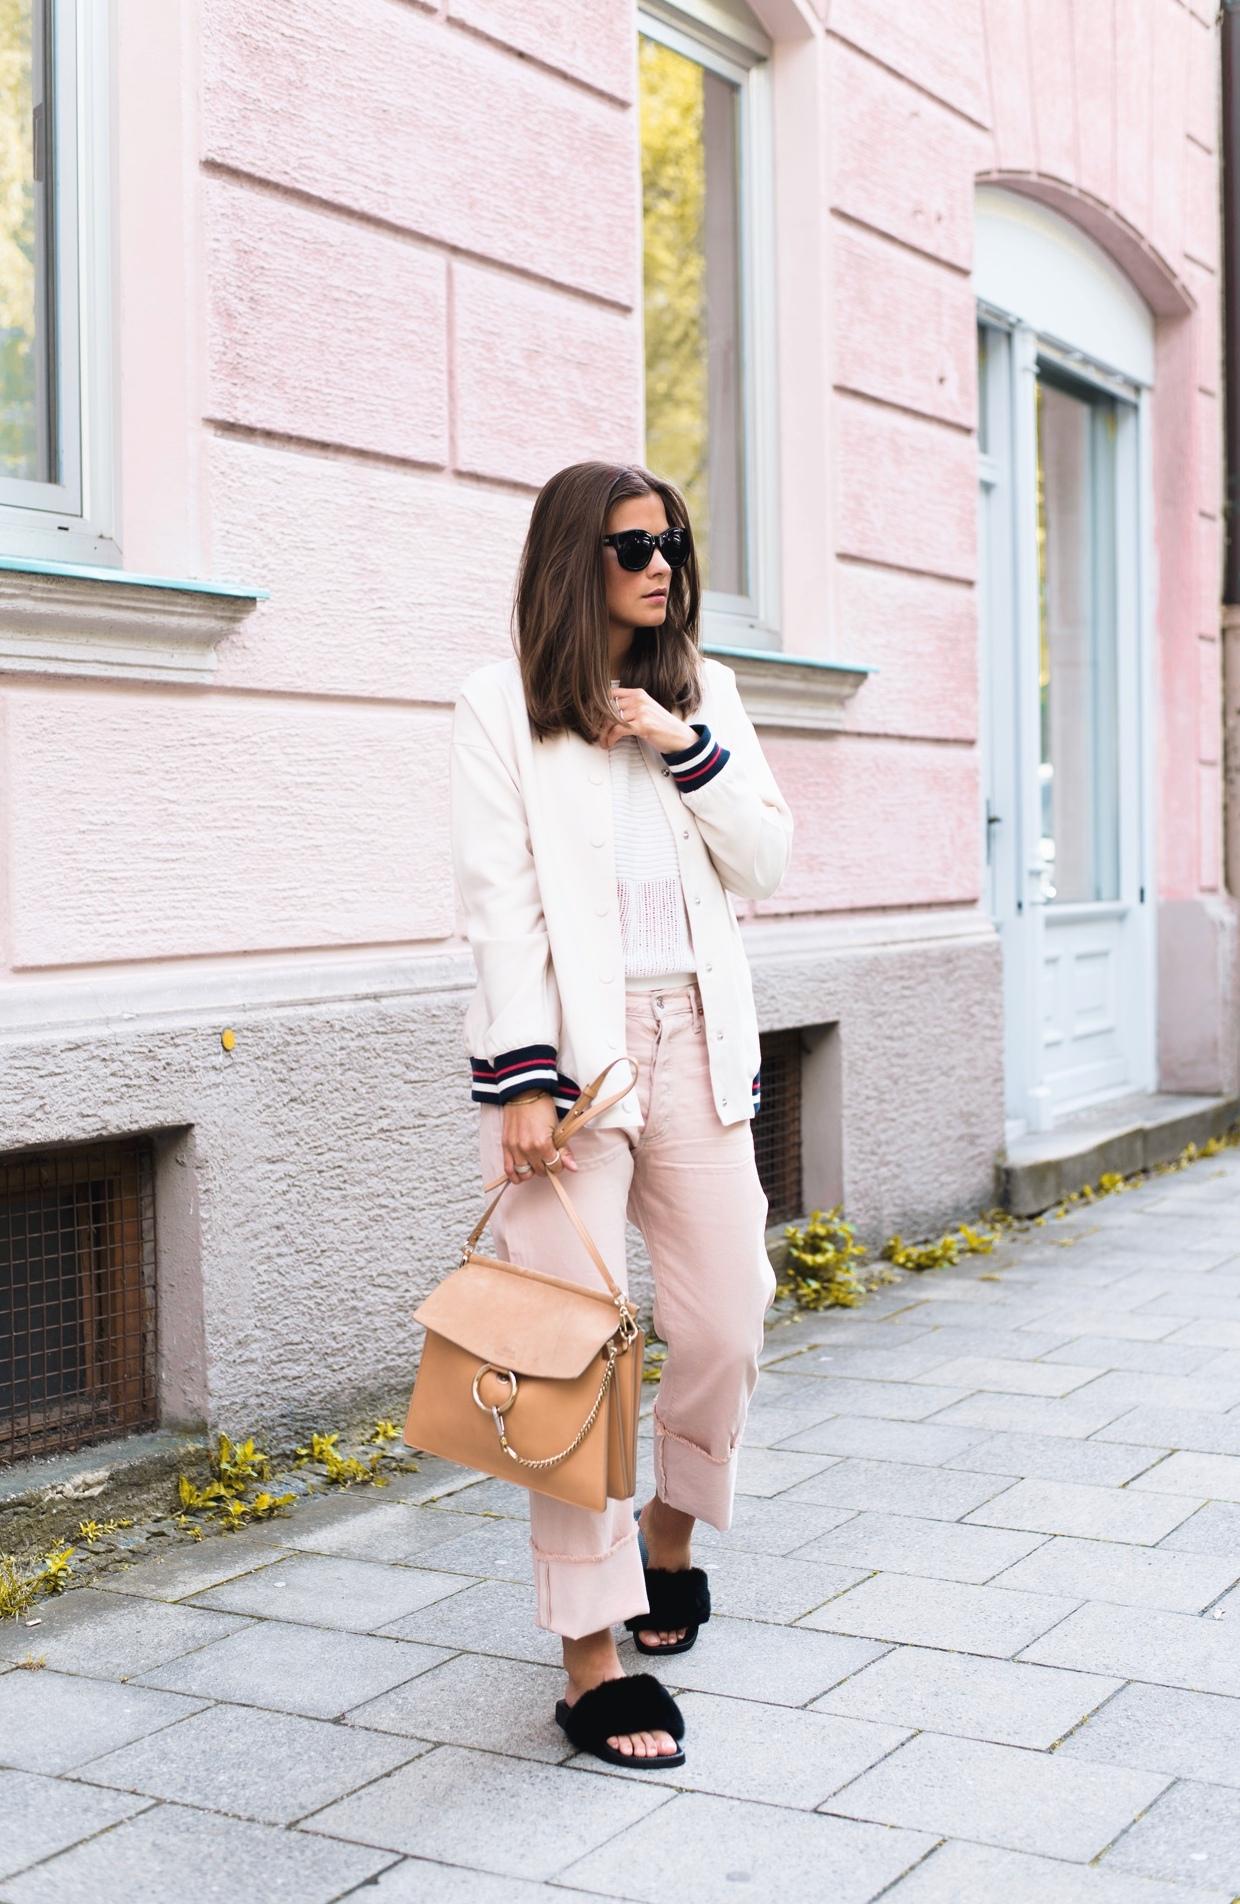 mode-blog-deutschland-fashionblog-münchen-nina-schwichtenberg-fashiioncarpet